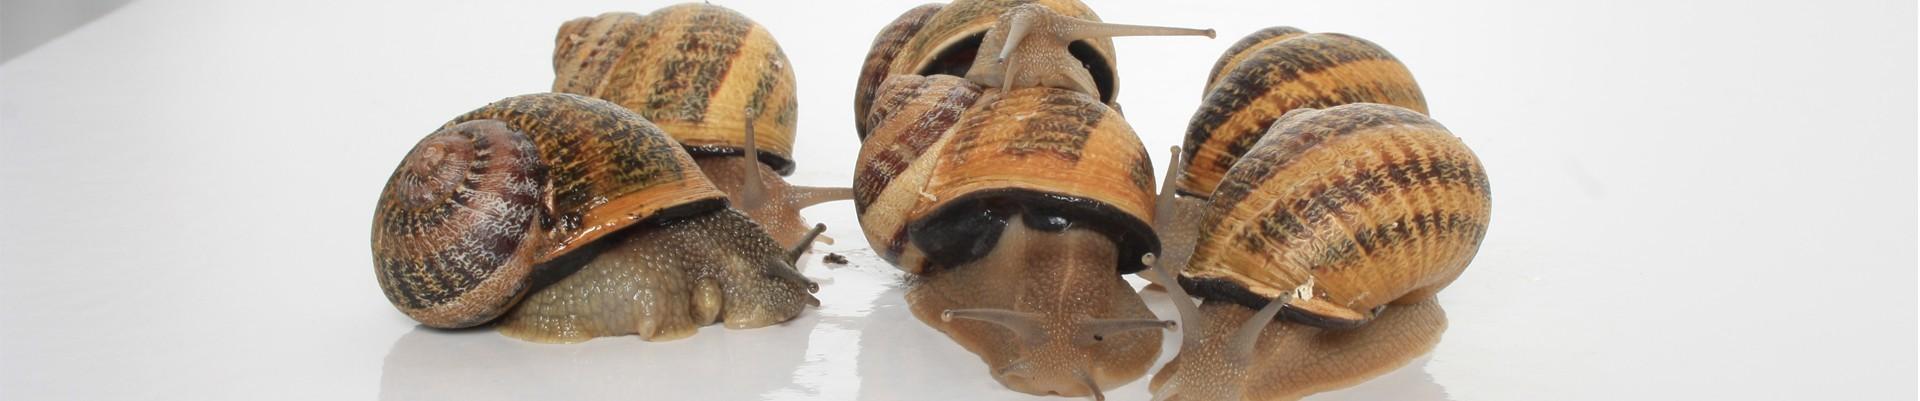 Escargots Vivants - Les produits de Provence - Escargots, Truffes, Miel - Enclave des Papes